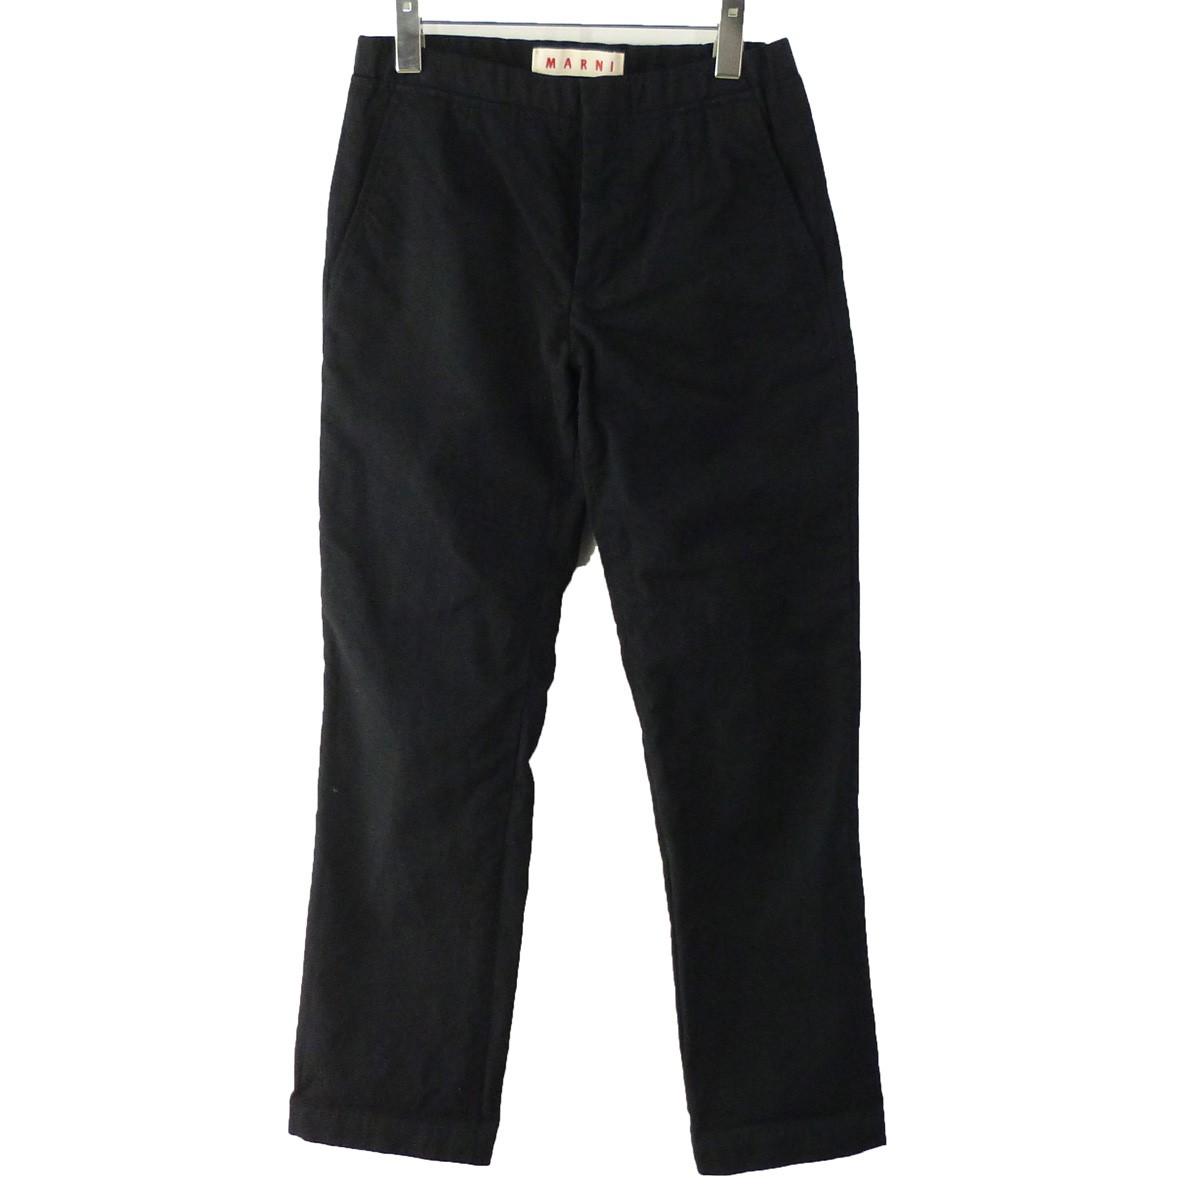 【中古】MARNI ウールコットンイージーパンツ ブラック サイズ:44 【070220】(マルニ)